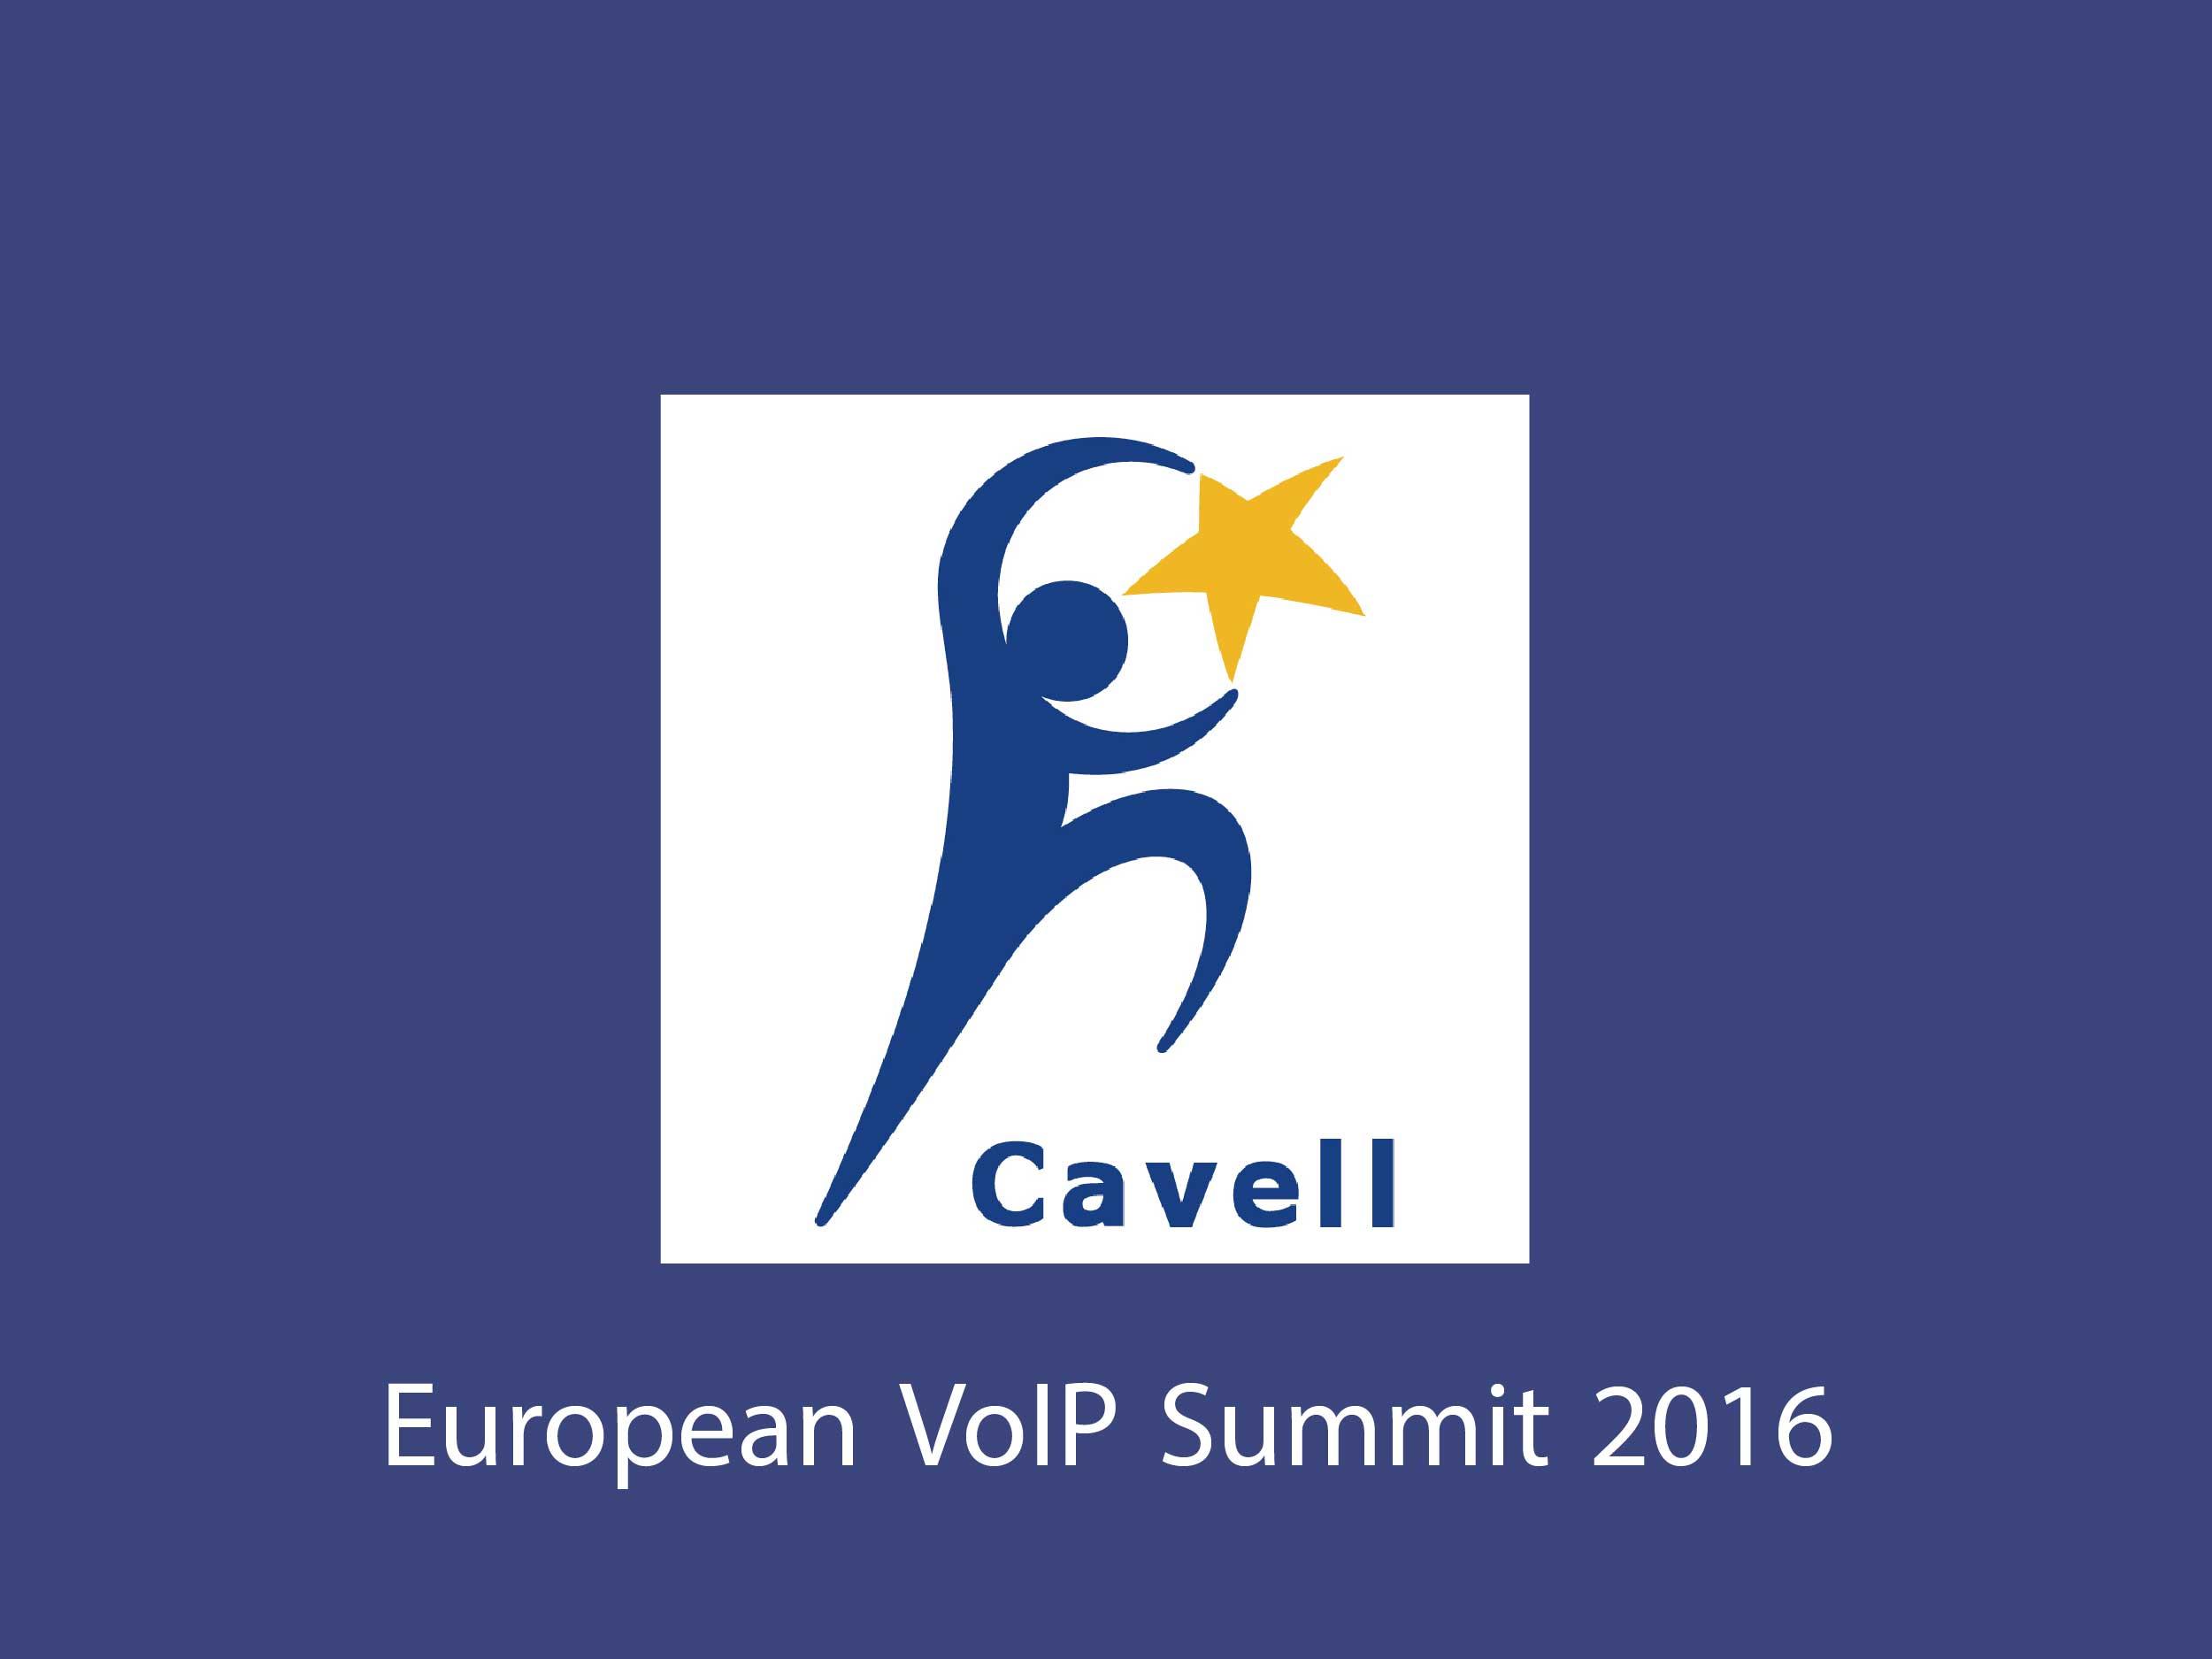 1604-3-01-Website-afbeeldingen-cavell-201609130915-01